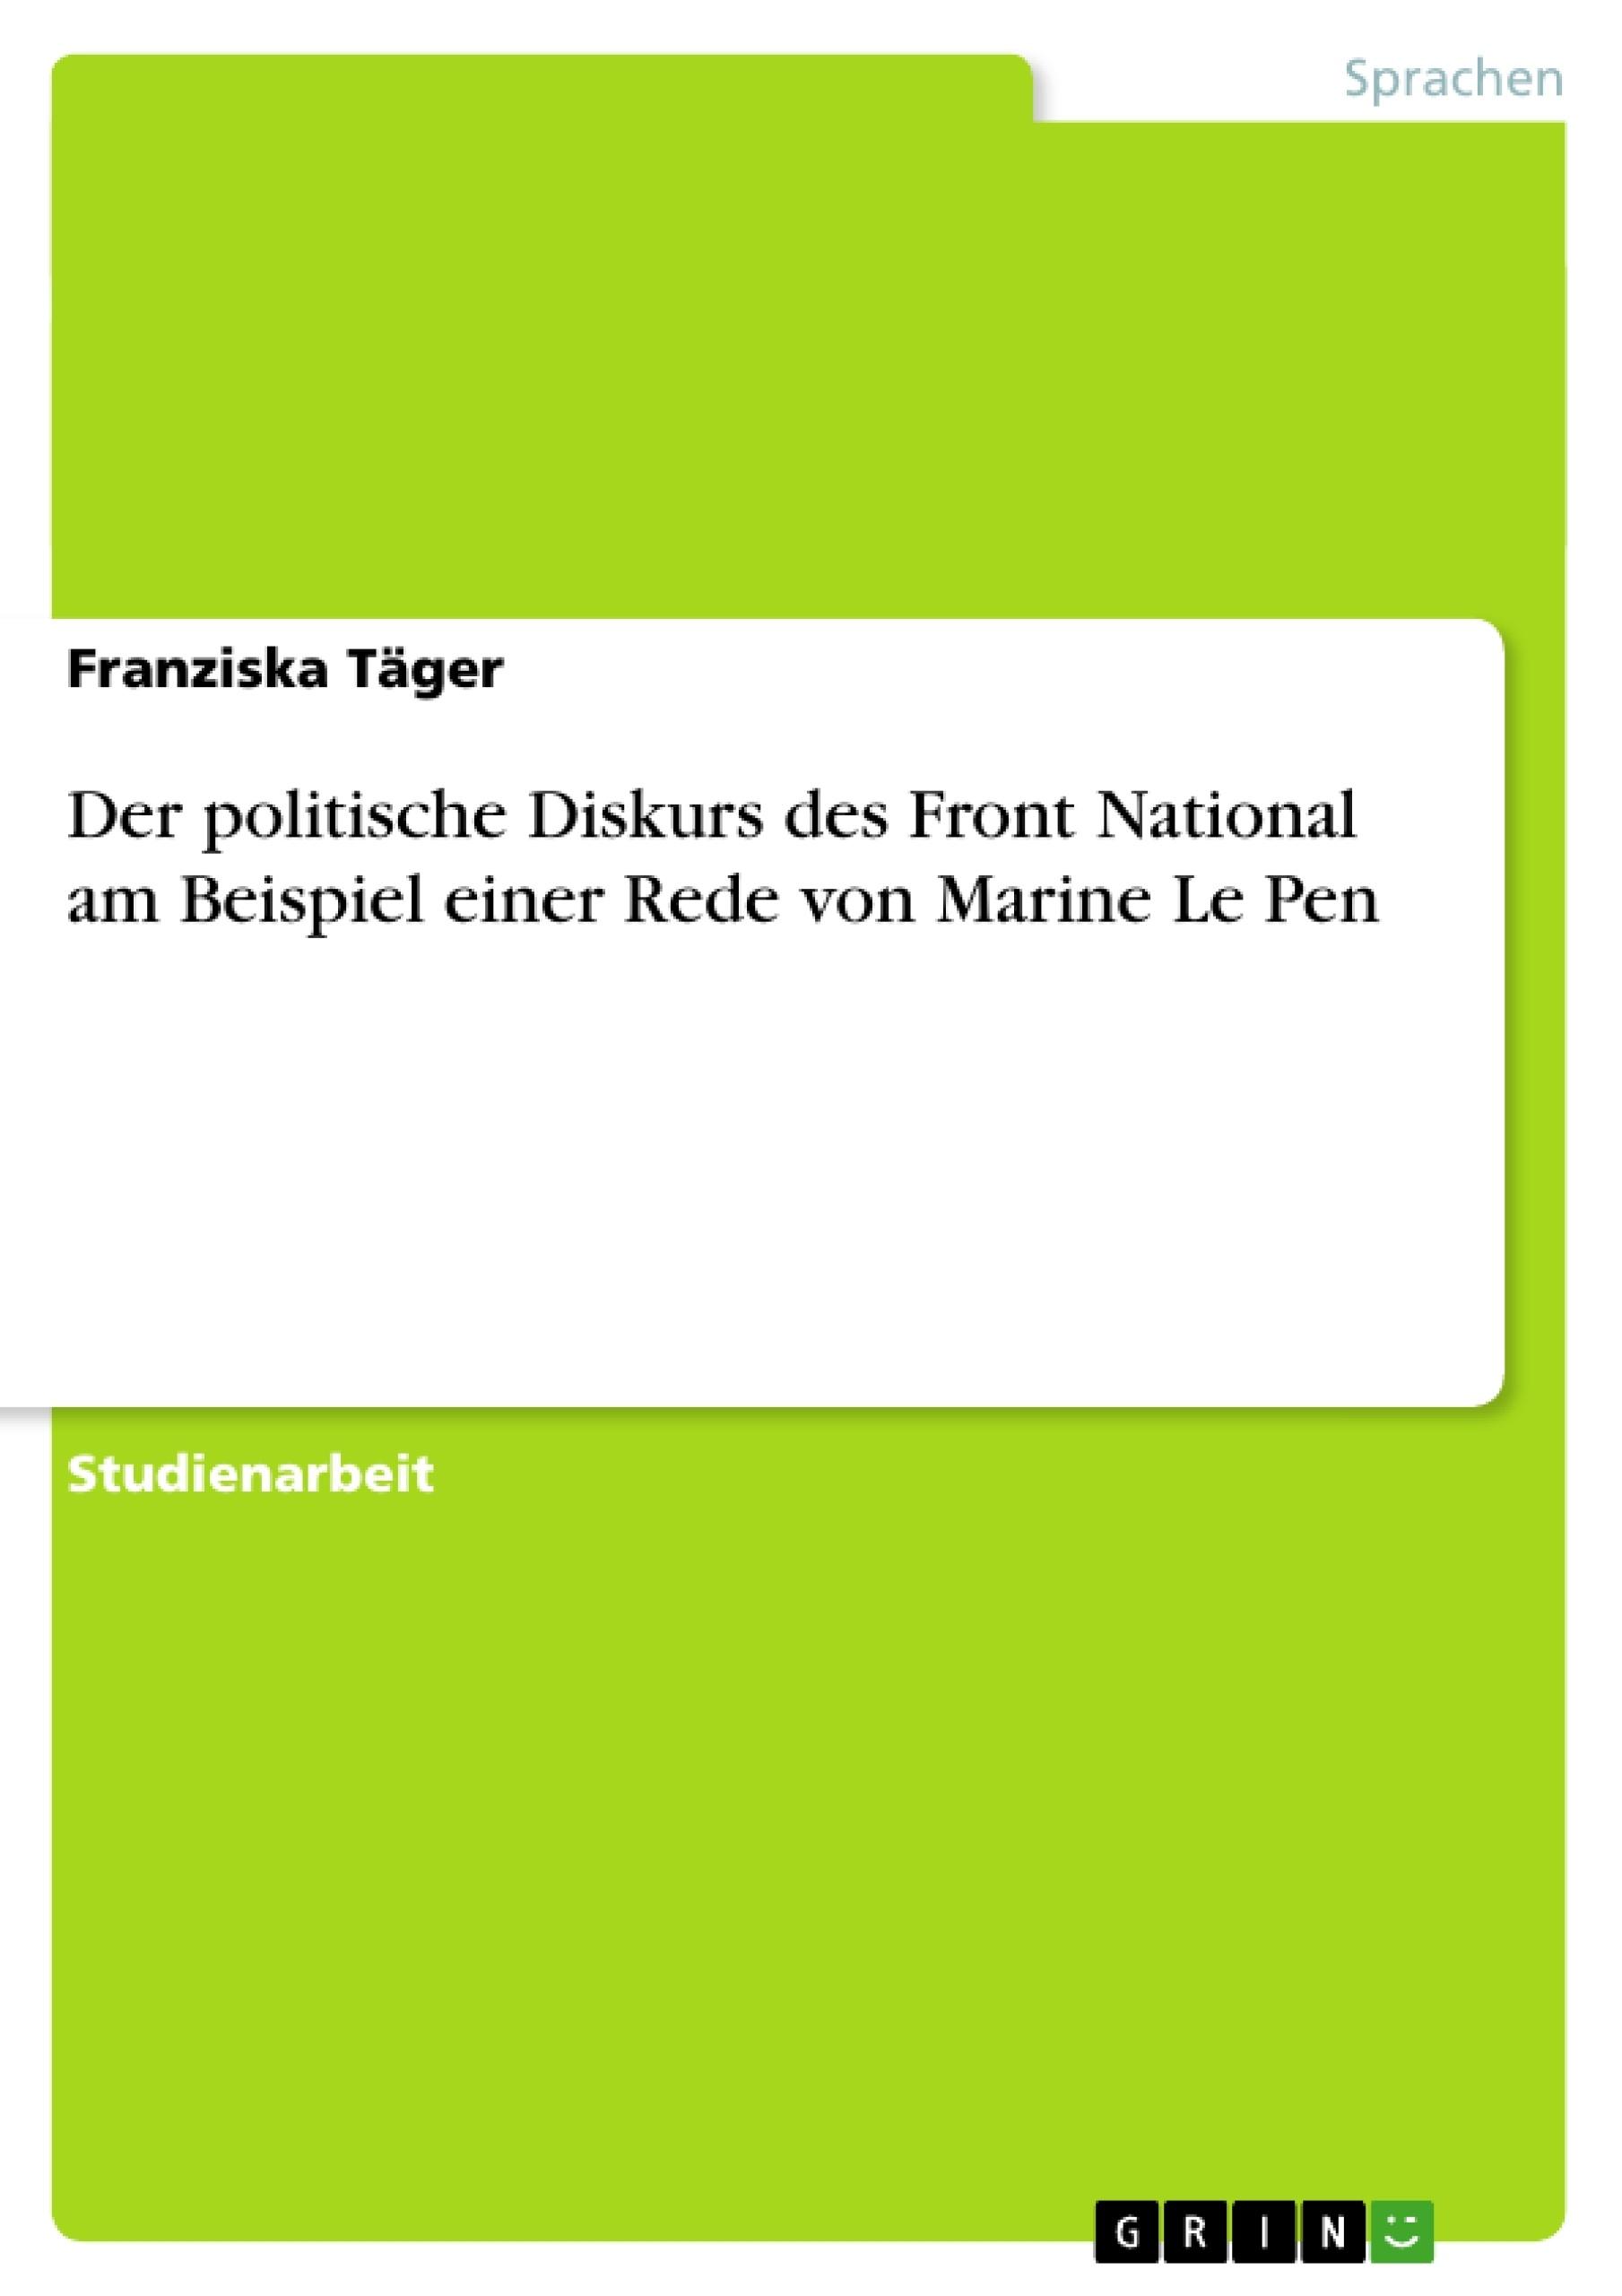 Titel: Der politische Diskurs des Front National am Beispiel einer Rede von Marine Le Pen